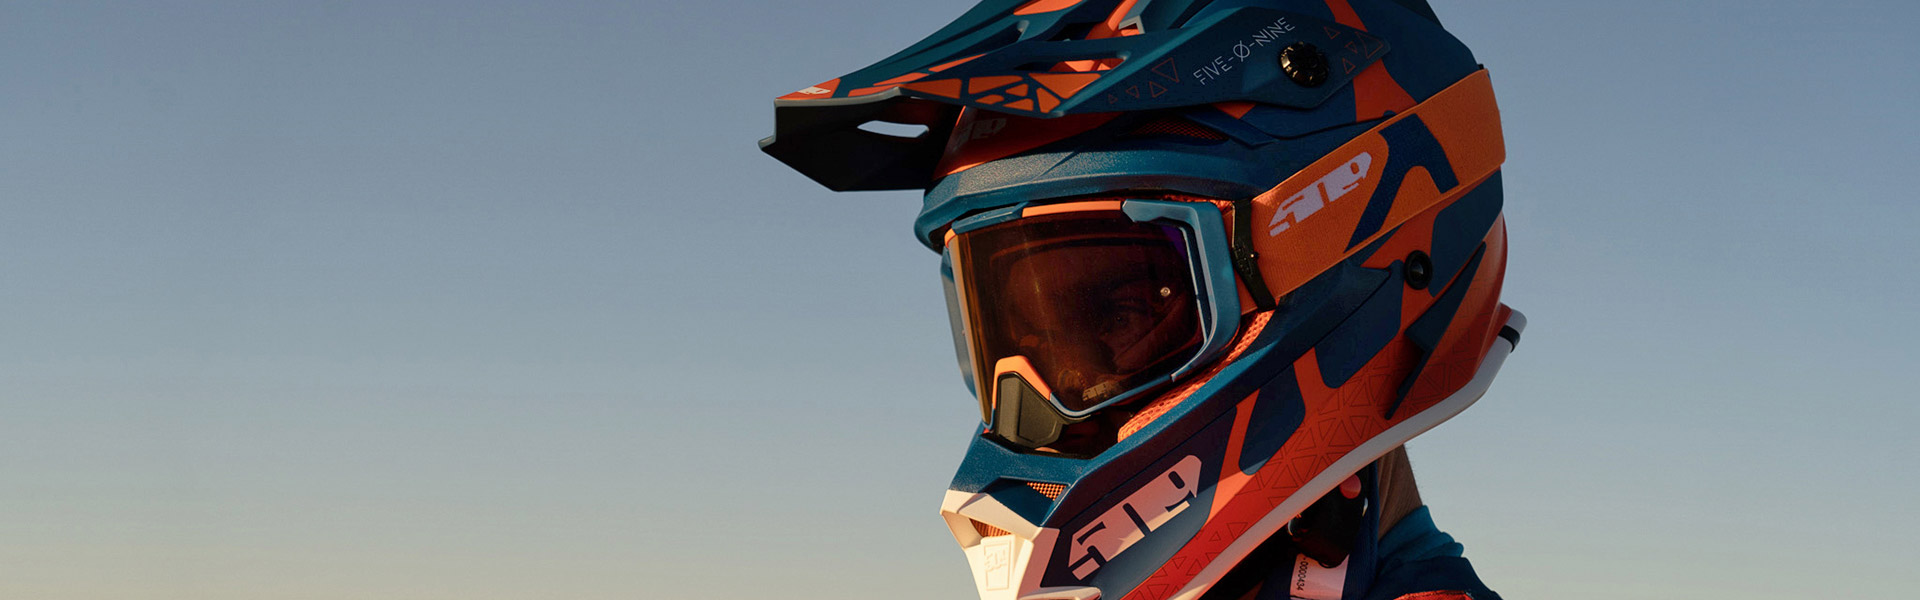 509 Altitude Offroad Helmet